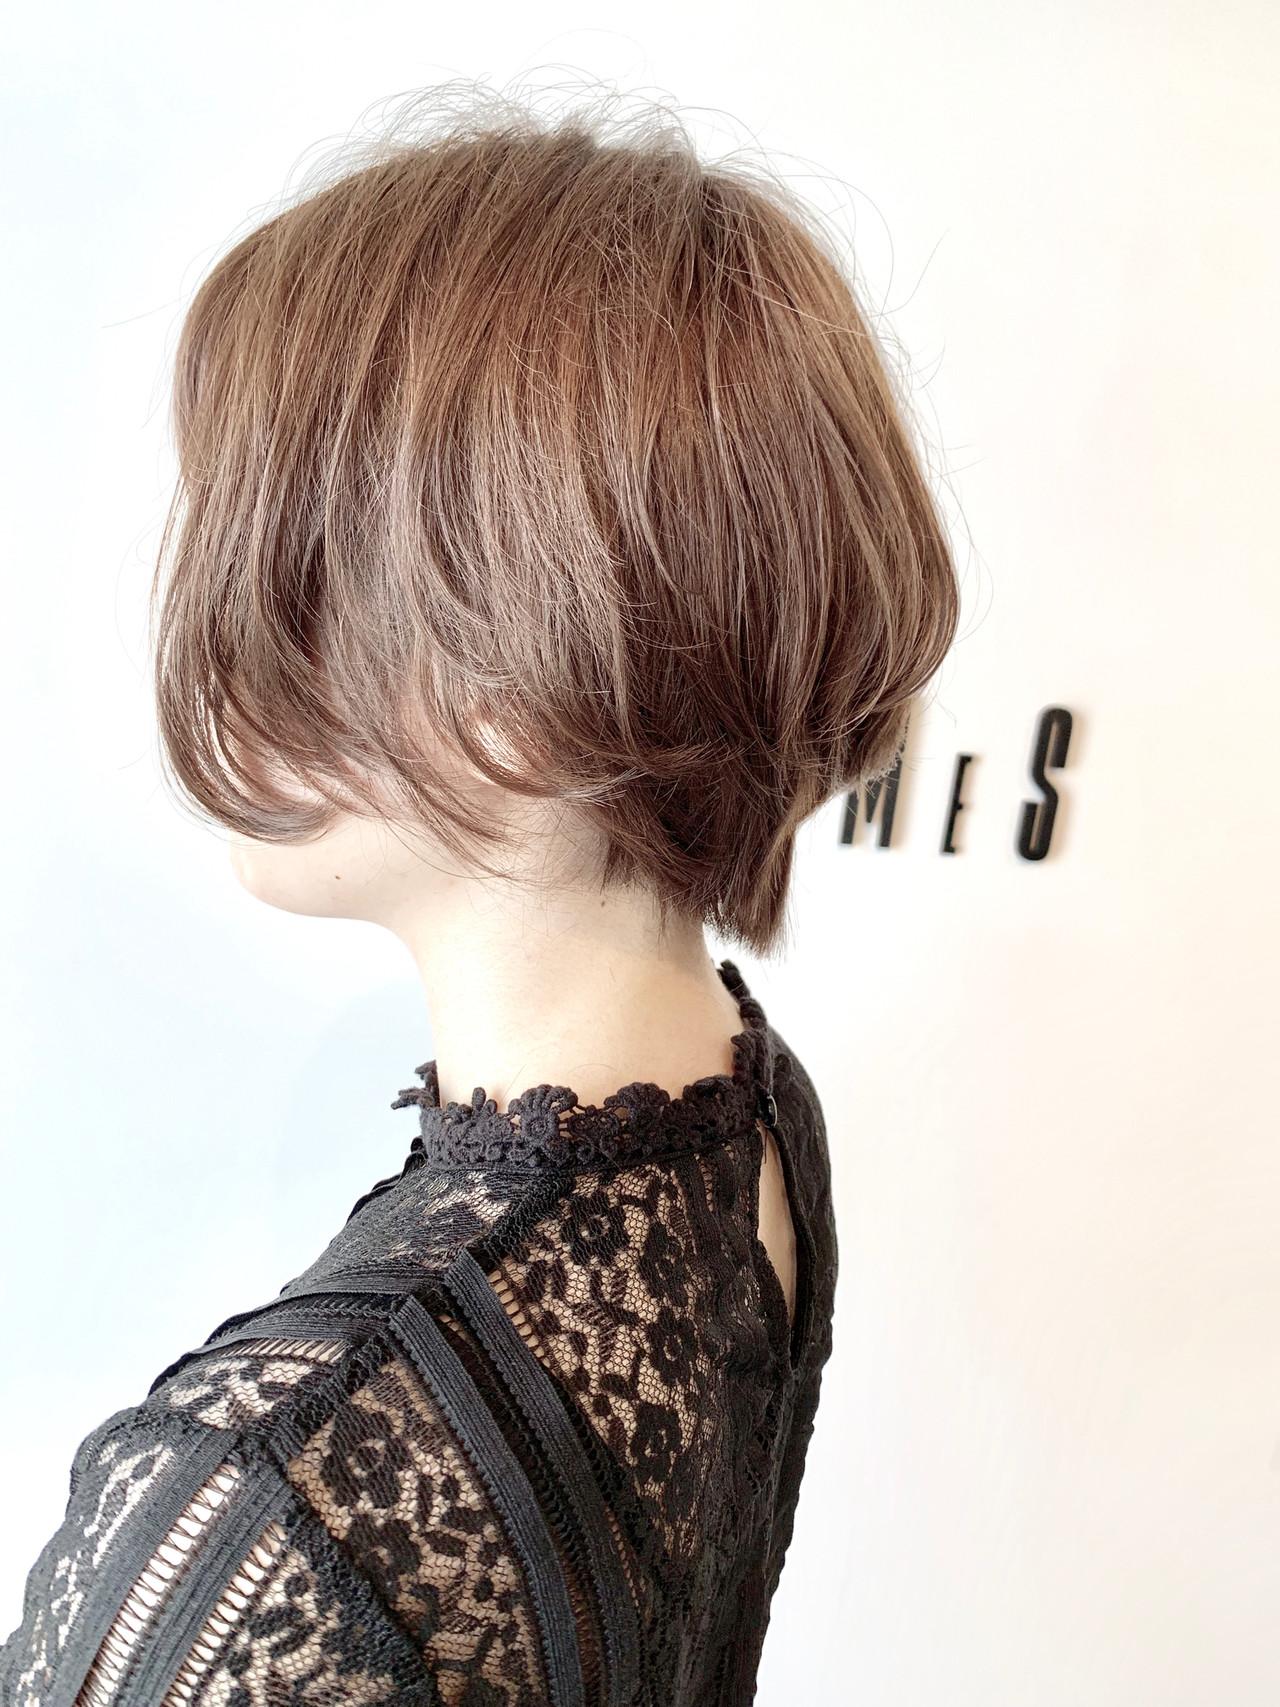 アッシュ ショート フェミニン 大人可愛い ヘアスタイルや髪型の写真・画像 | 村上 駿 / FRAMES hair design